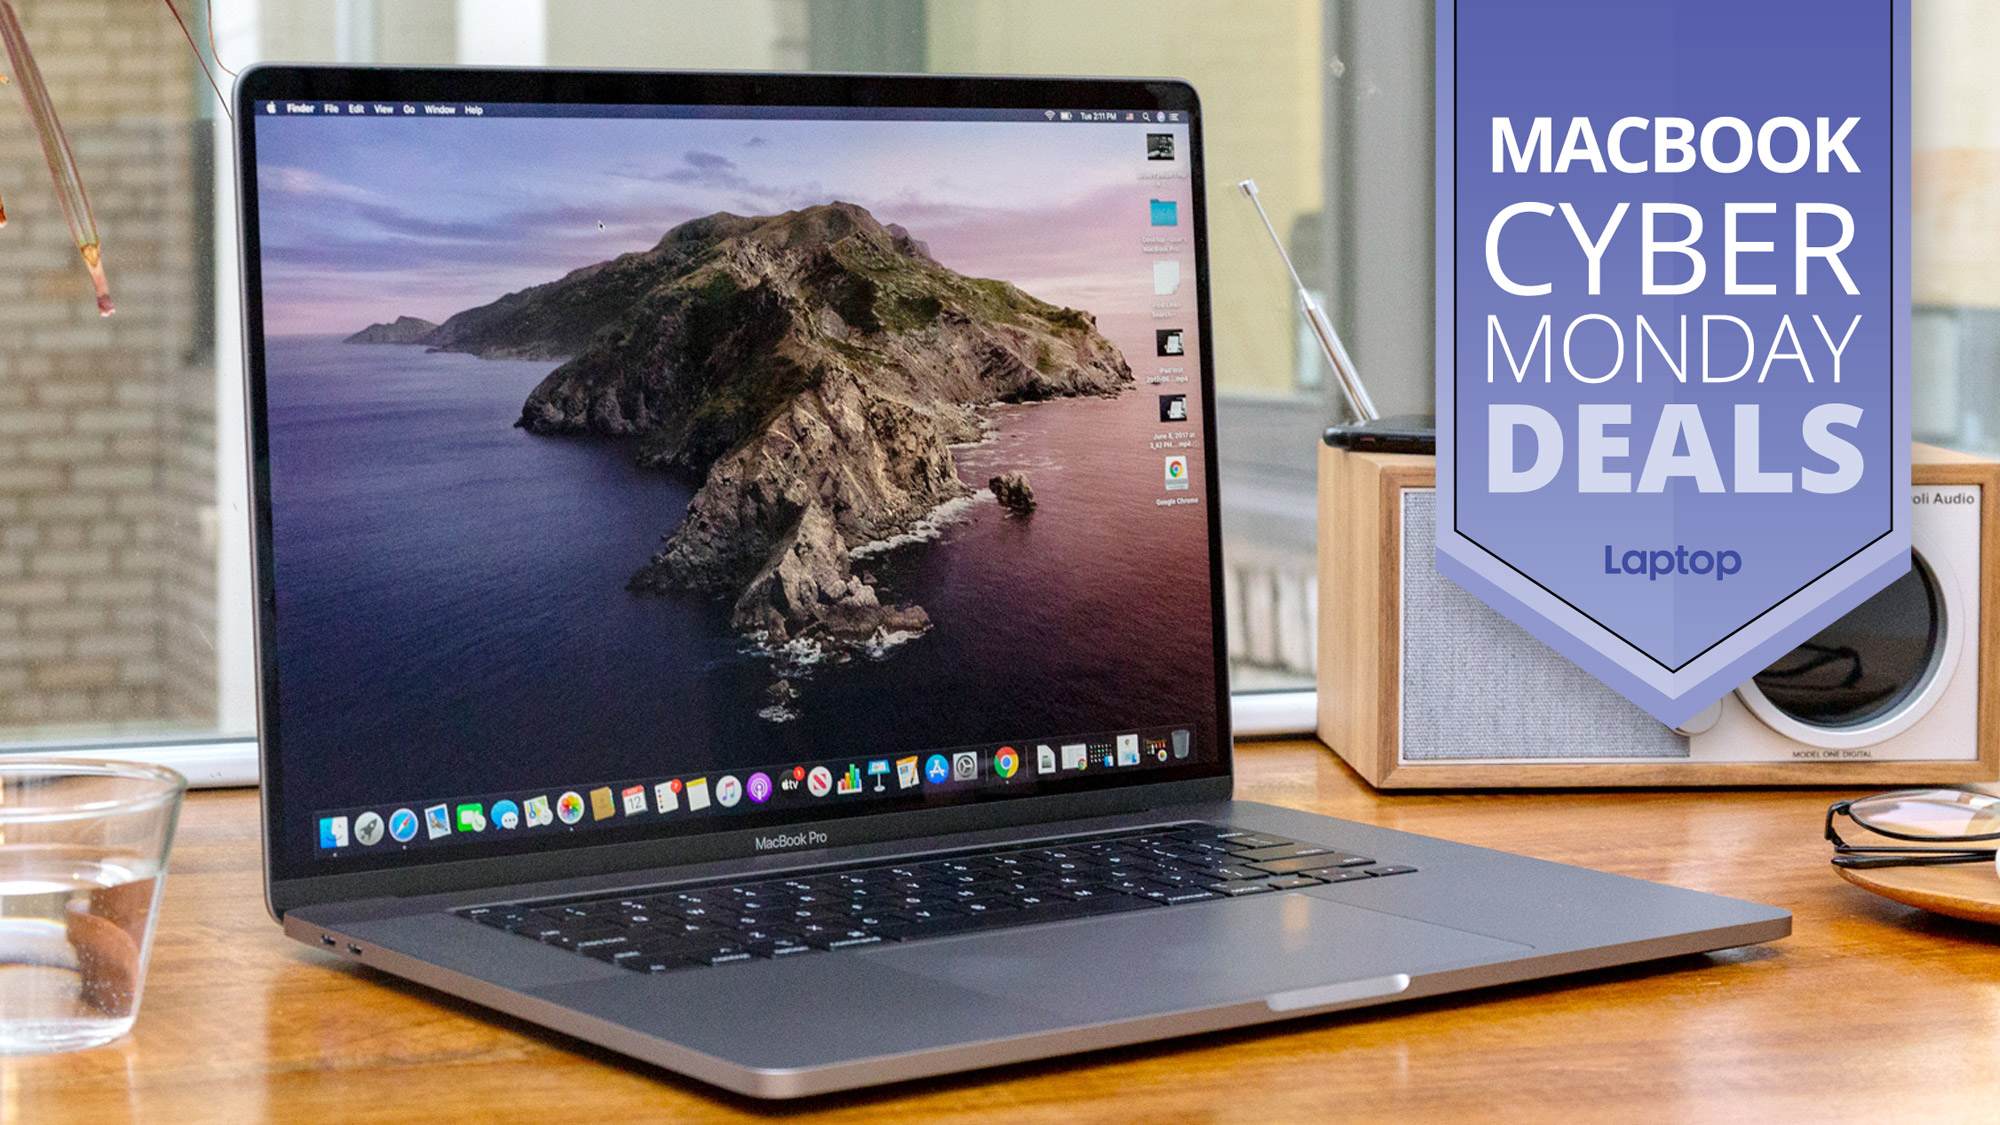 Best Macbook Cyber Monday Deals Of 2019 Laptop Mag